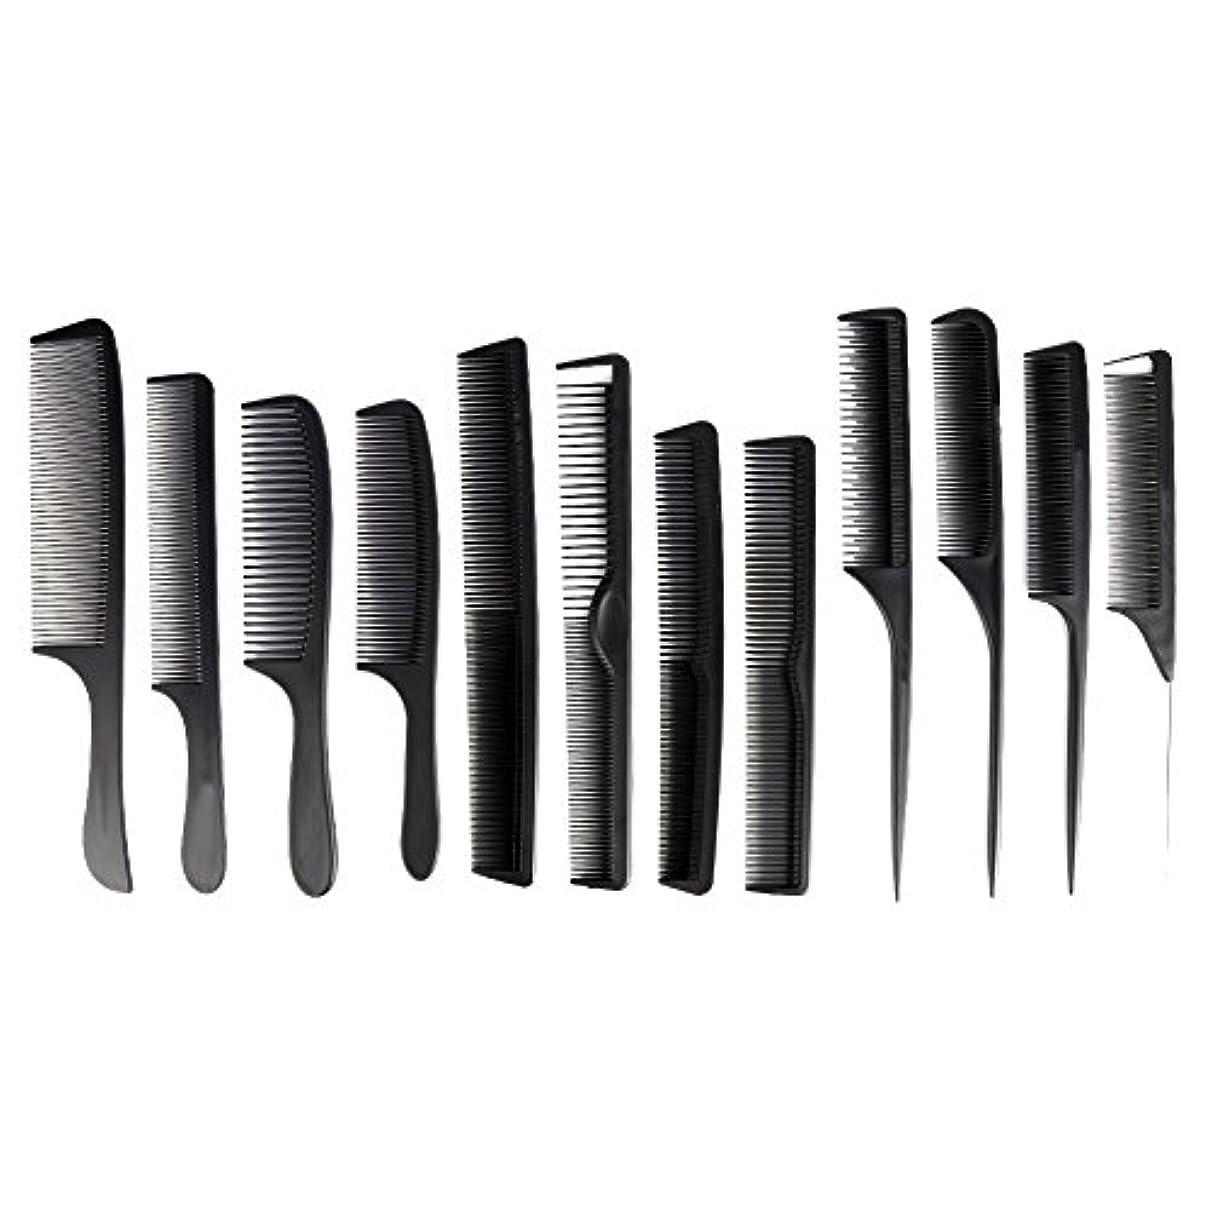 汚物発行する実業家カットコーム 散髪用コーム コームセット12点セット プロ用ヘアコーム  静電気減少 軽量 サロン/美容室/床屋など適用